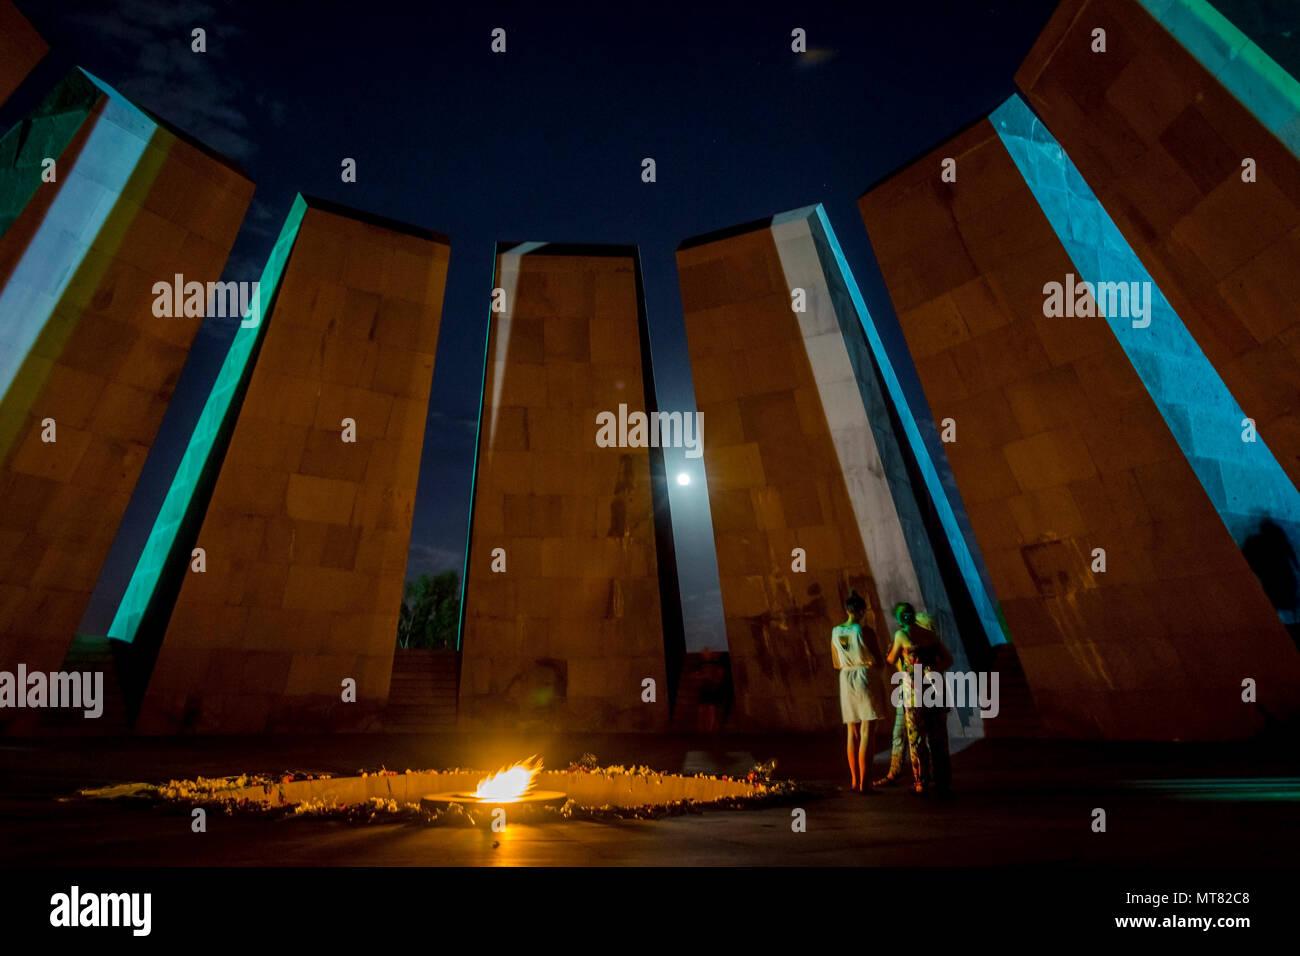 YEREVAN, ARMENIA - AUGUST 7: People visiting genocide memorial landmark in Yerevan and bringing flowers. August 2017 - Stock Image